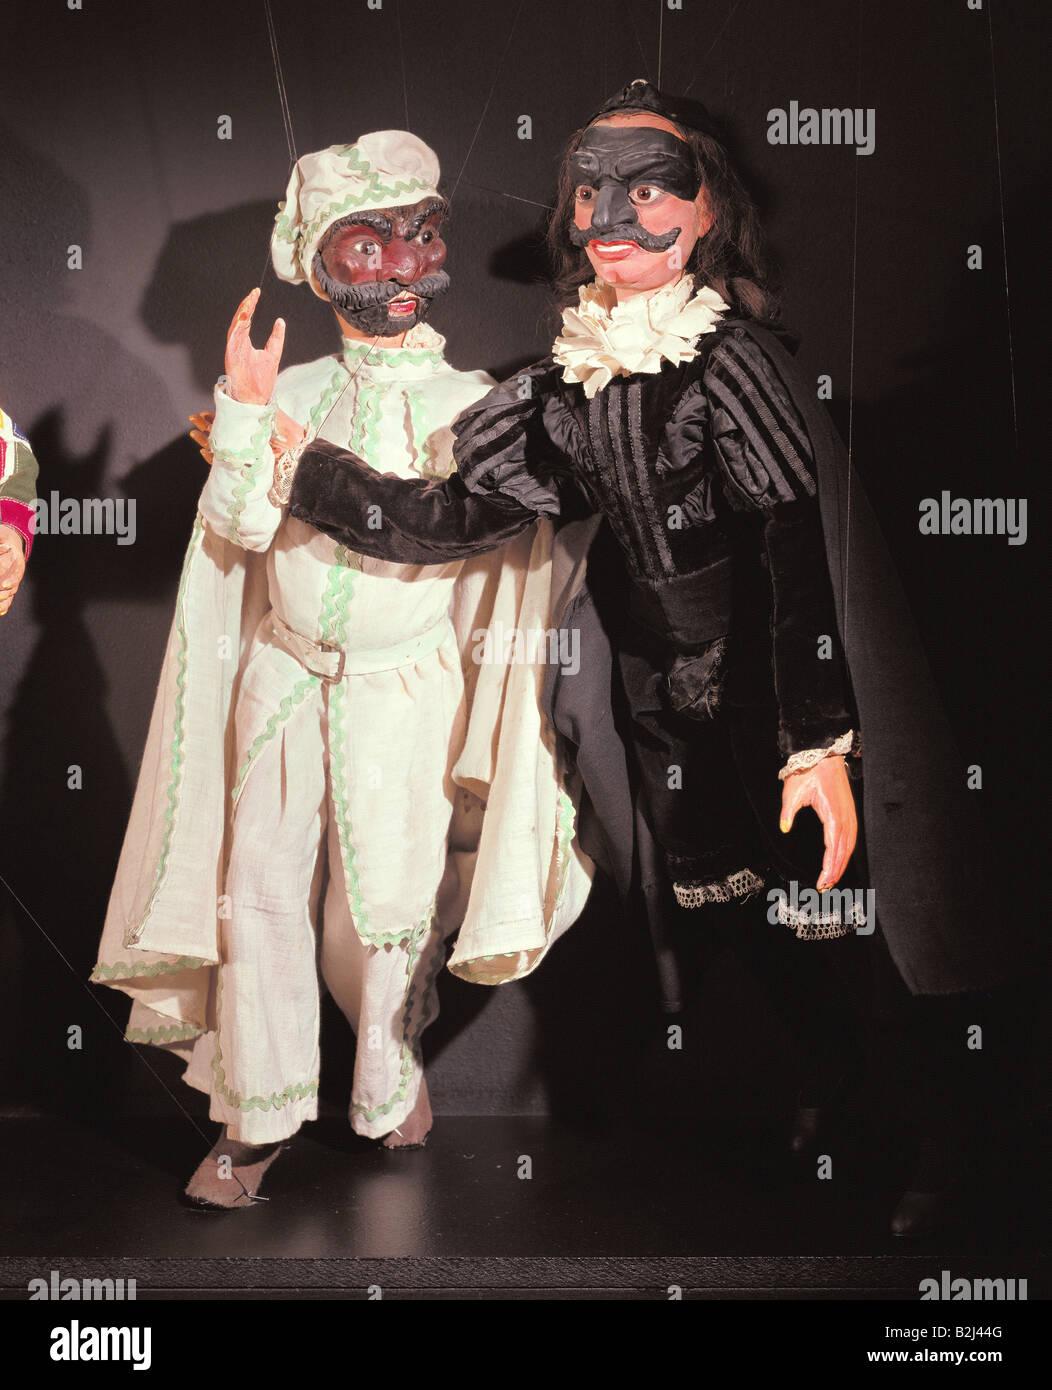 Teatro, teatro di burattini, marionette, le figure della Commedia dell'arte di Luigi Lupi, Torino, secolo XIX, Immagini Stock